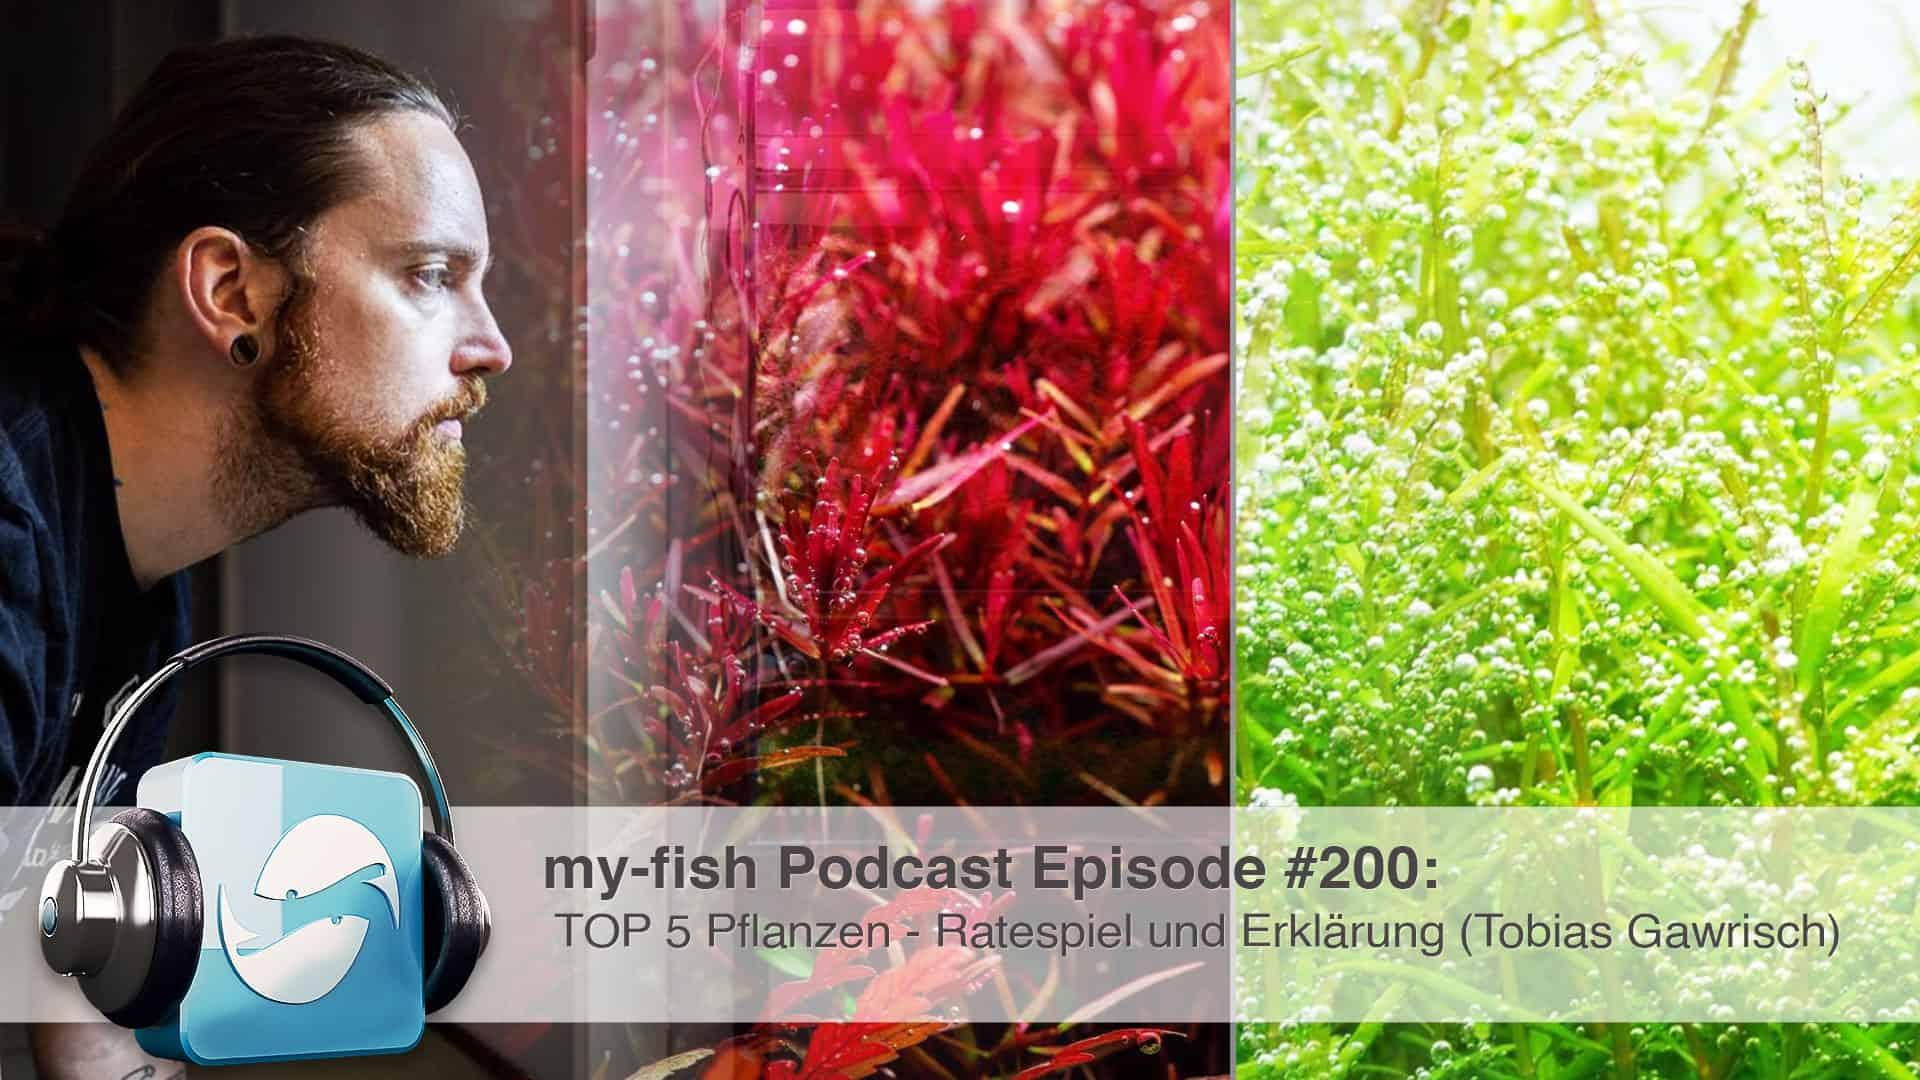 Podcast Episode #200: TOP 5 Pflanzen – Ratespiel und Erklärung 1